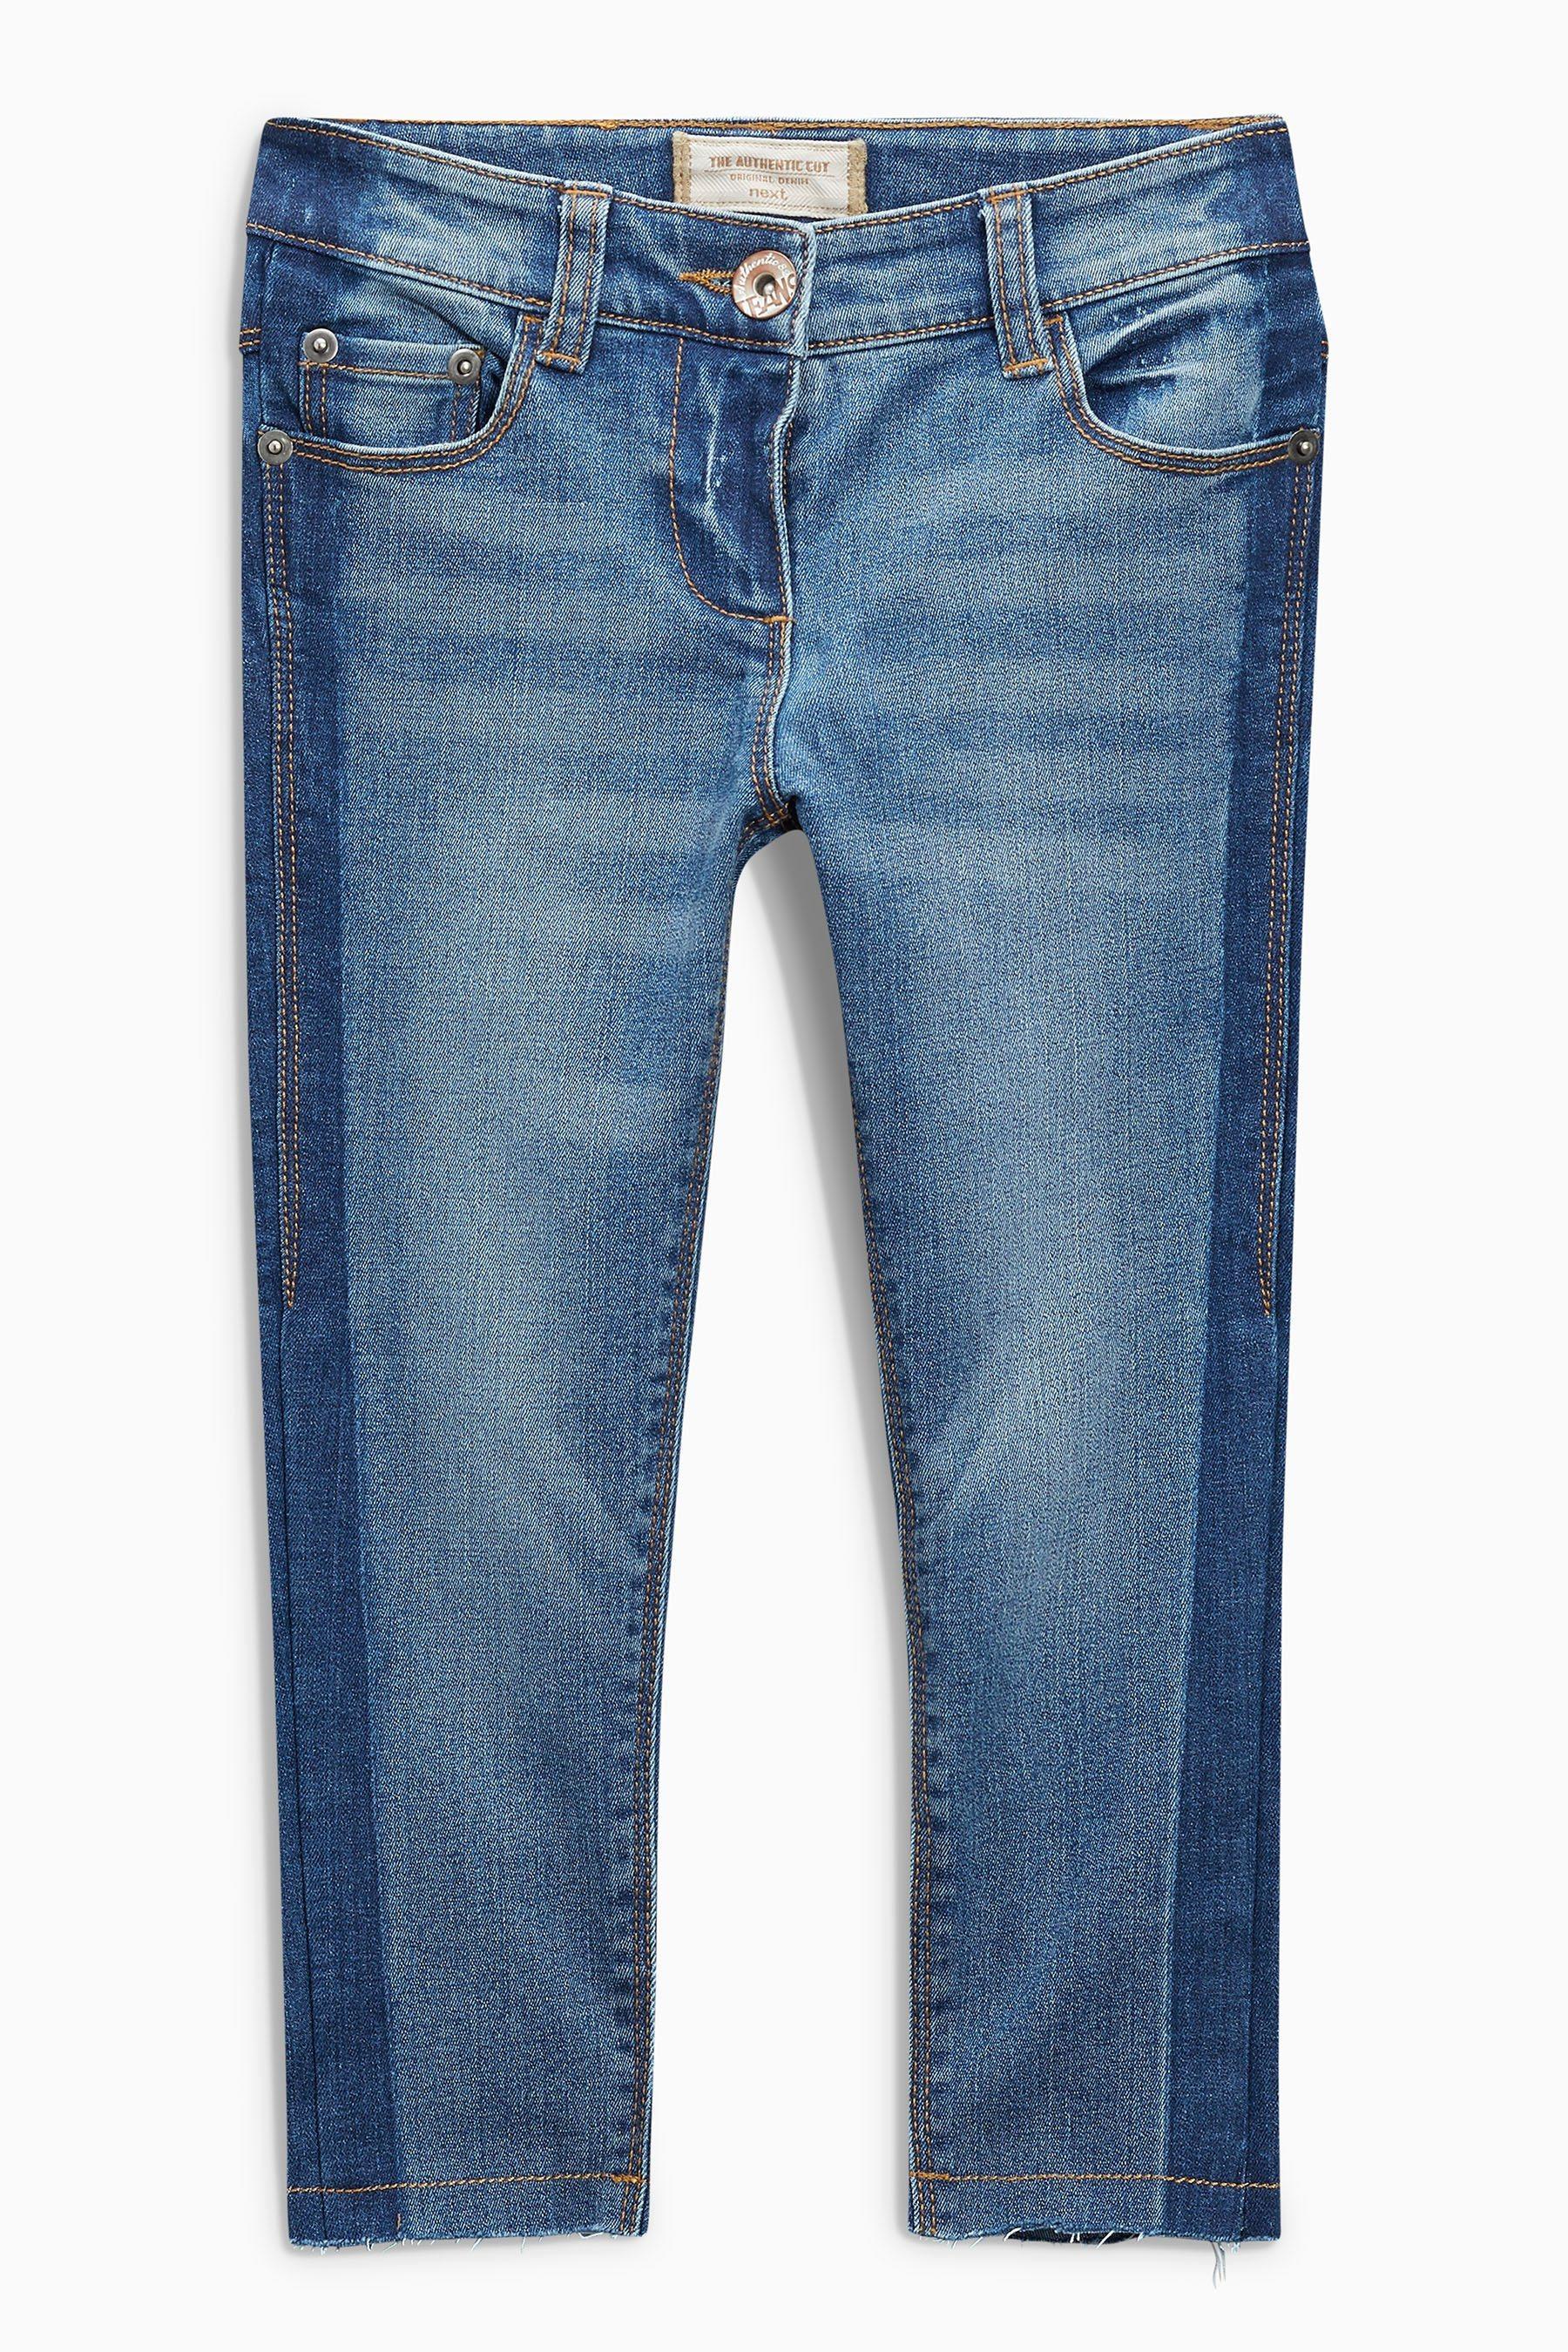 Next Jeans mit Seitenstreifen von OTTO - Ihr Online-Shop - Teil in black - Schwarz für 34,00€